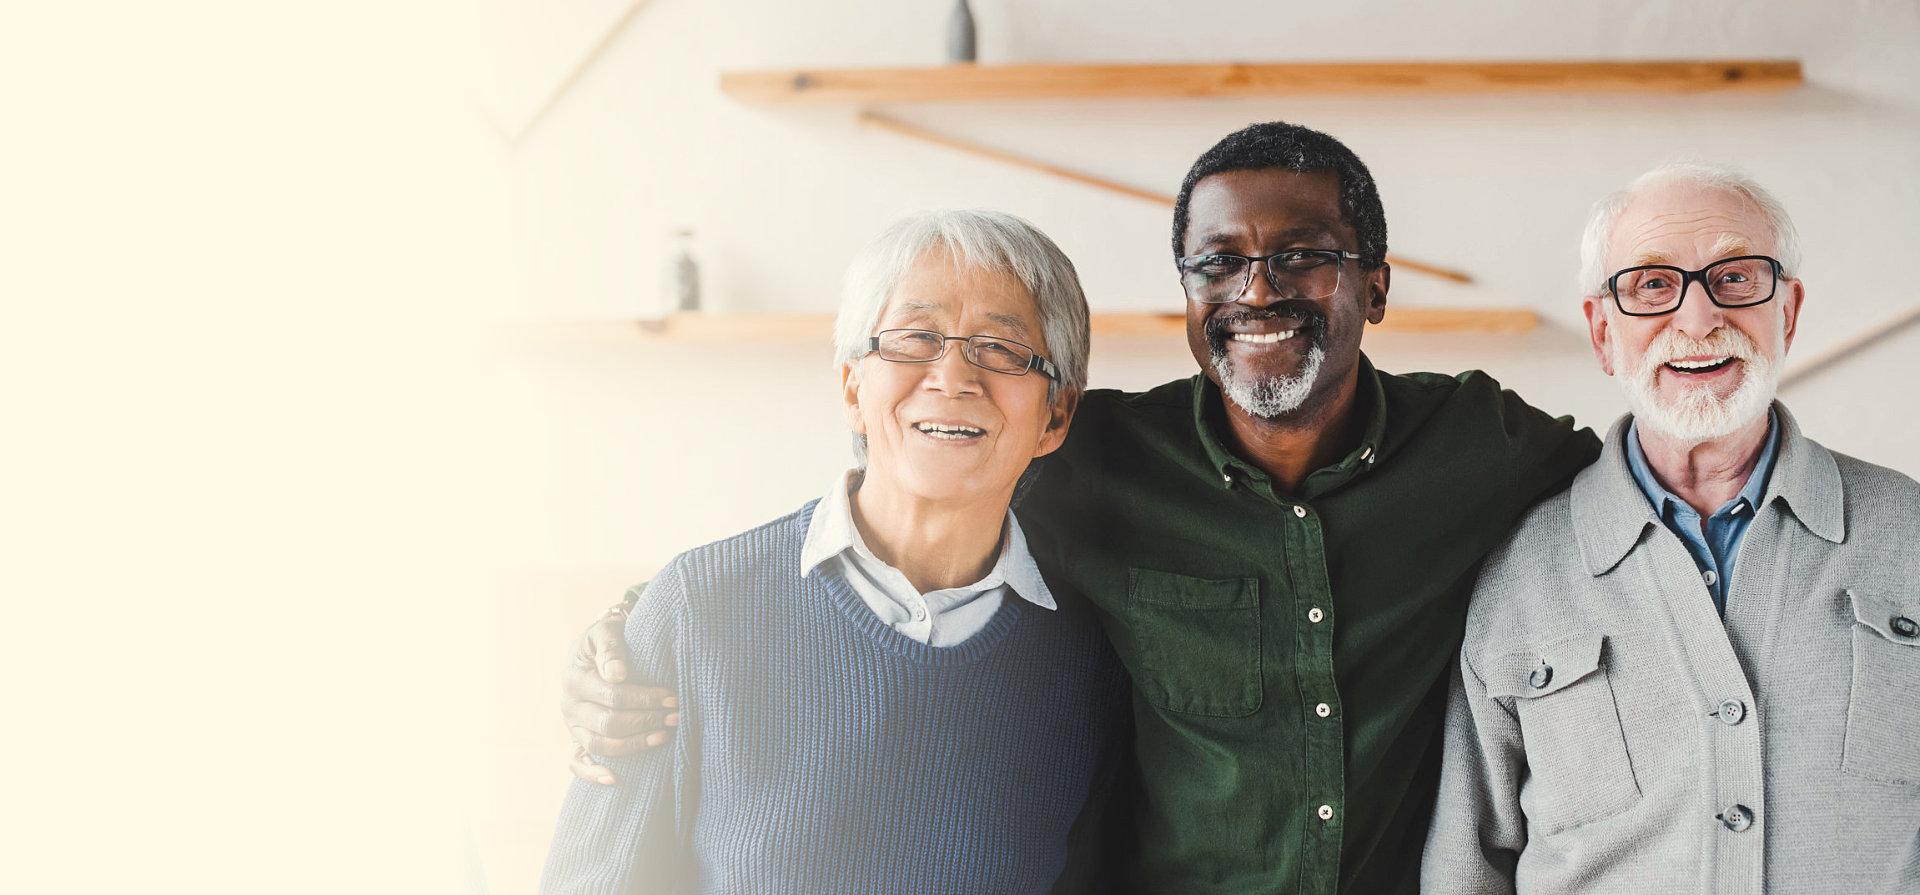 elderly men smiling